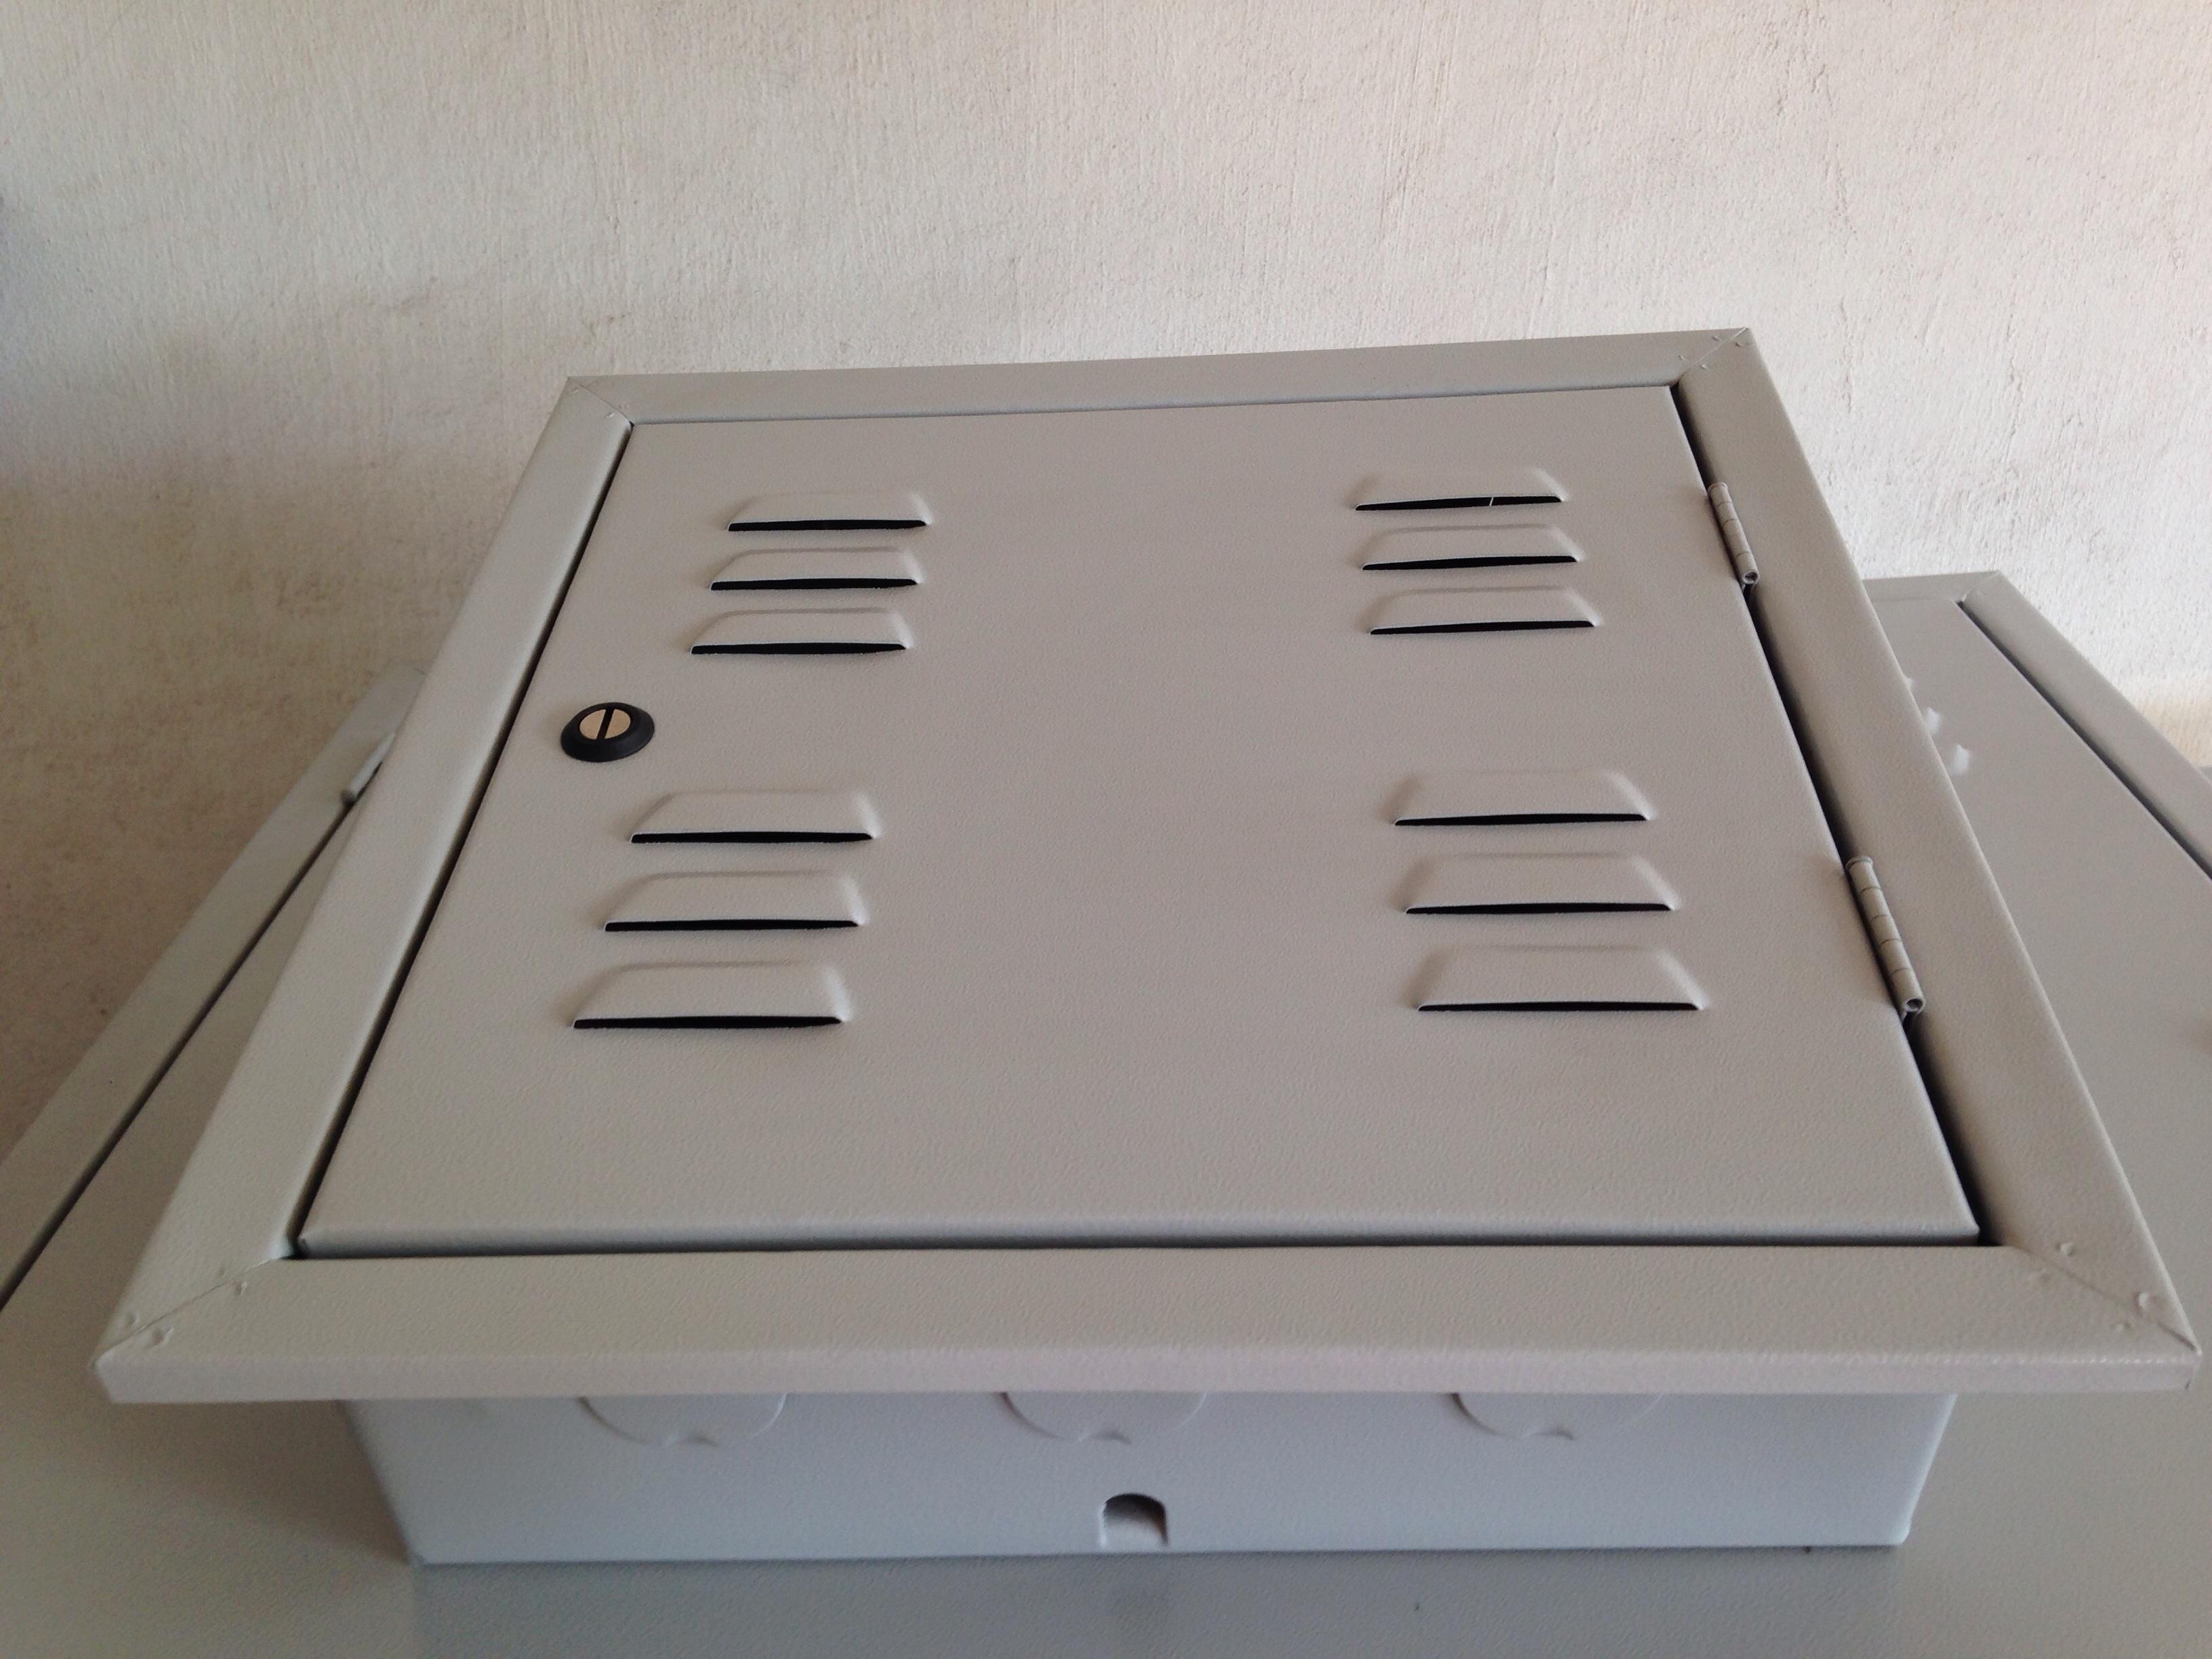 Caixa de Telefone 40 x 40 - Comércio PALOMAR de Ferro e Aço LTDA